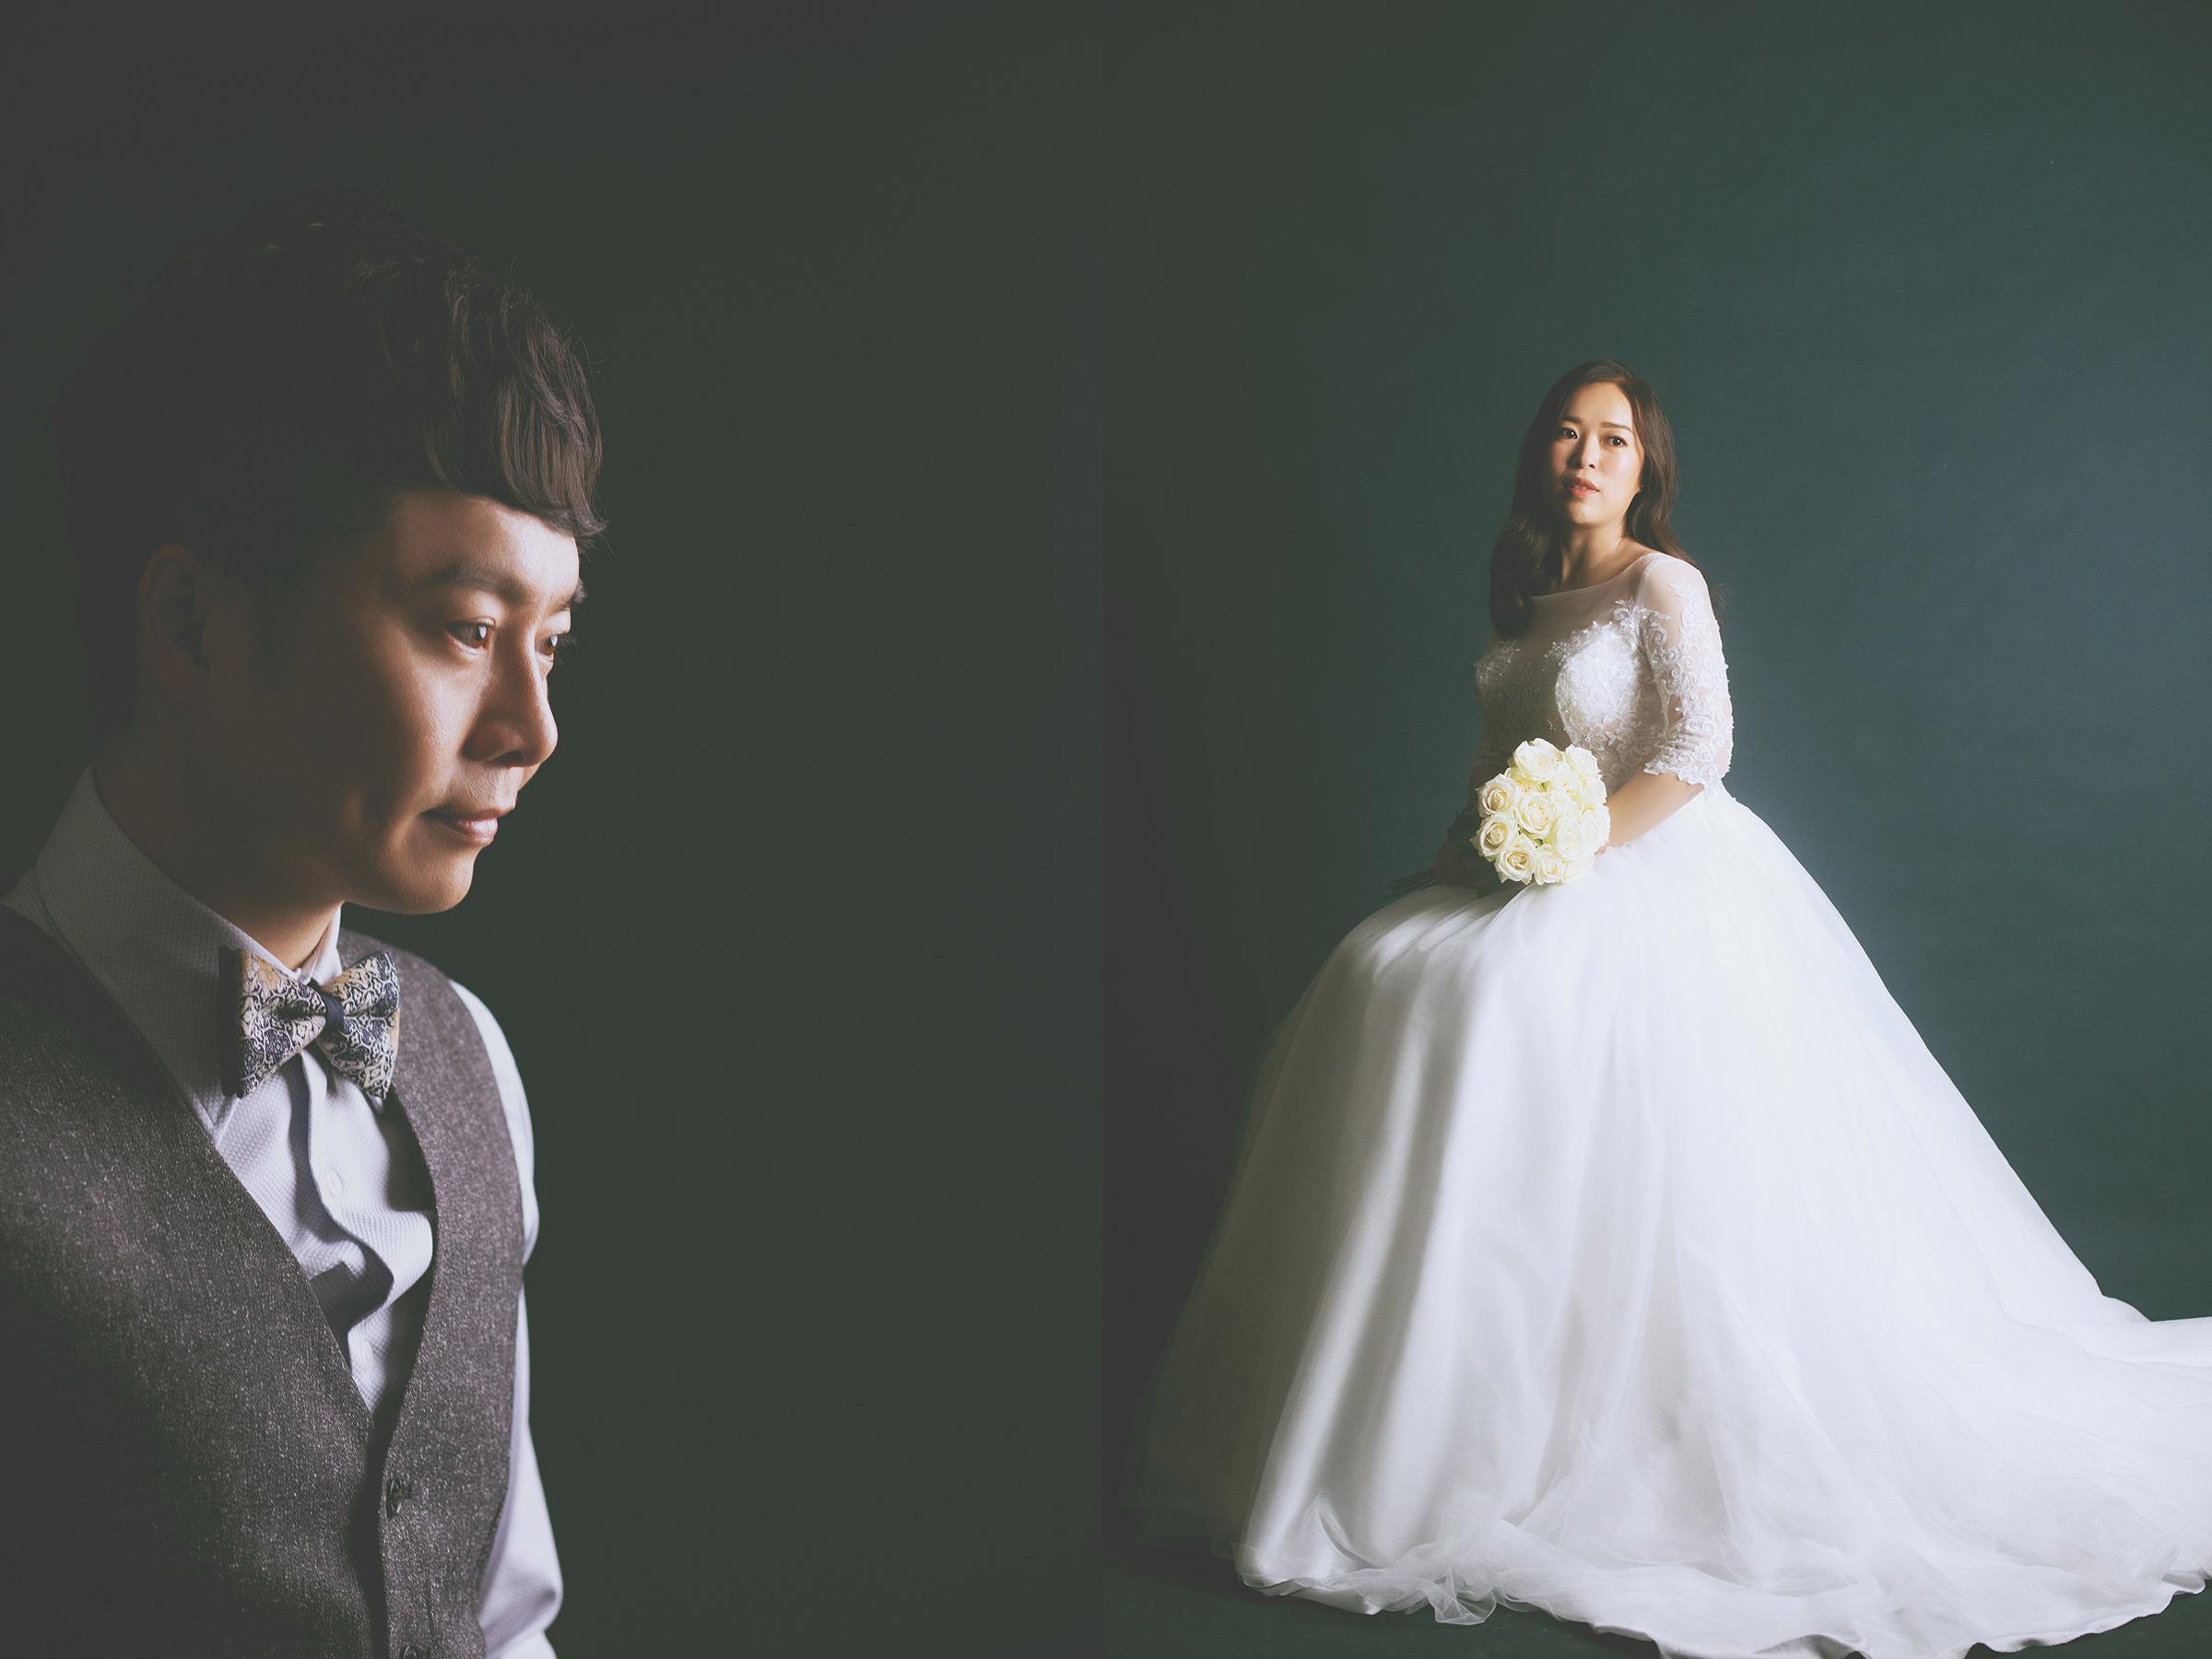 台南,自助婚紗,自然風格,生活風格,底片,棚拍,情感,溫度